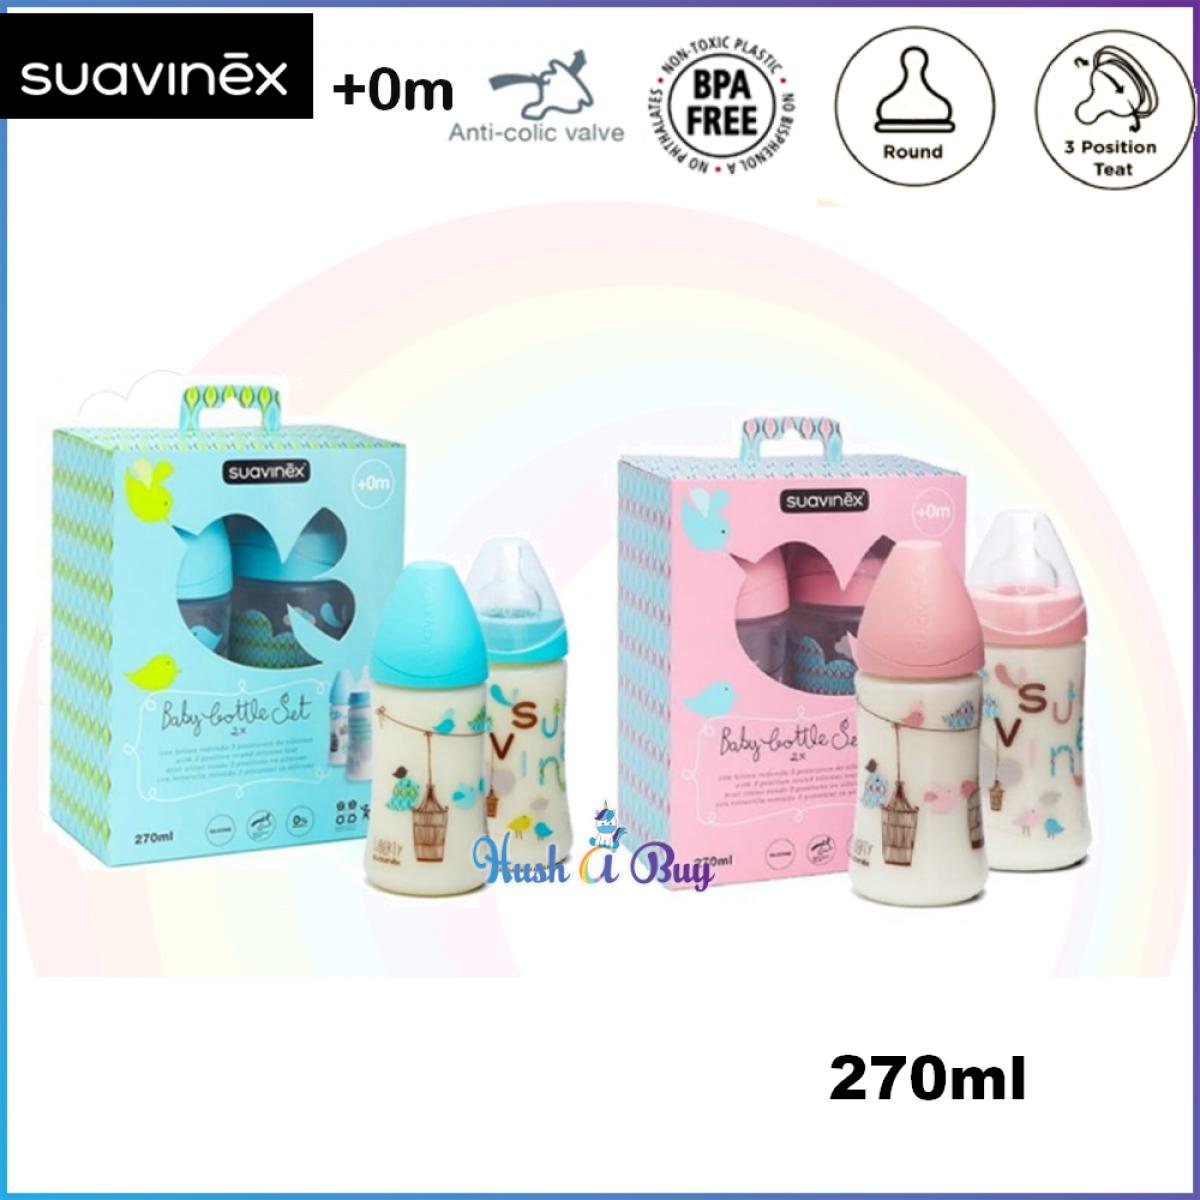 Suavinex Baby Bottle Starter Gift Pack PP 3P ROUND Teat (Set of 2) - 270ml